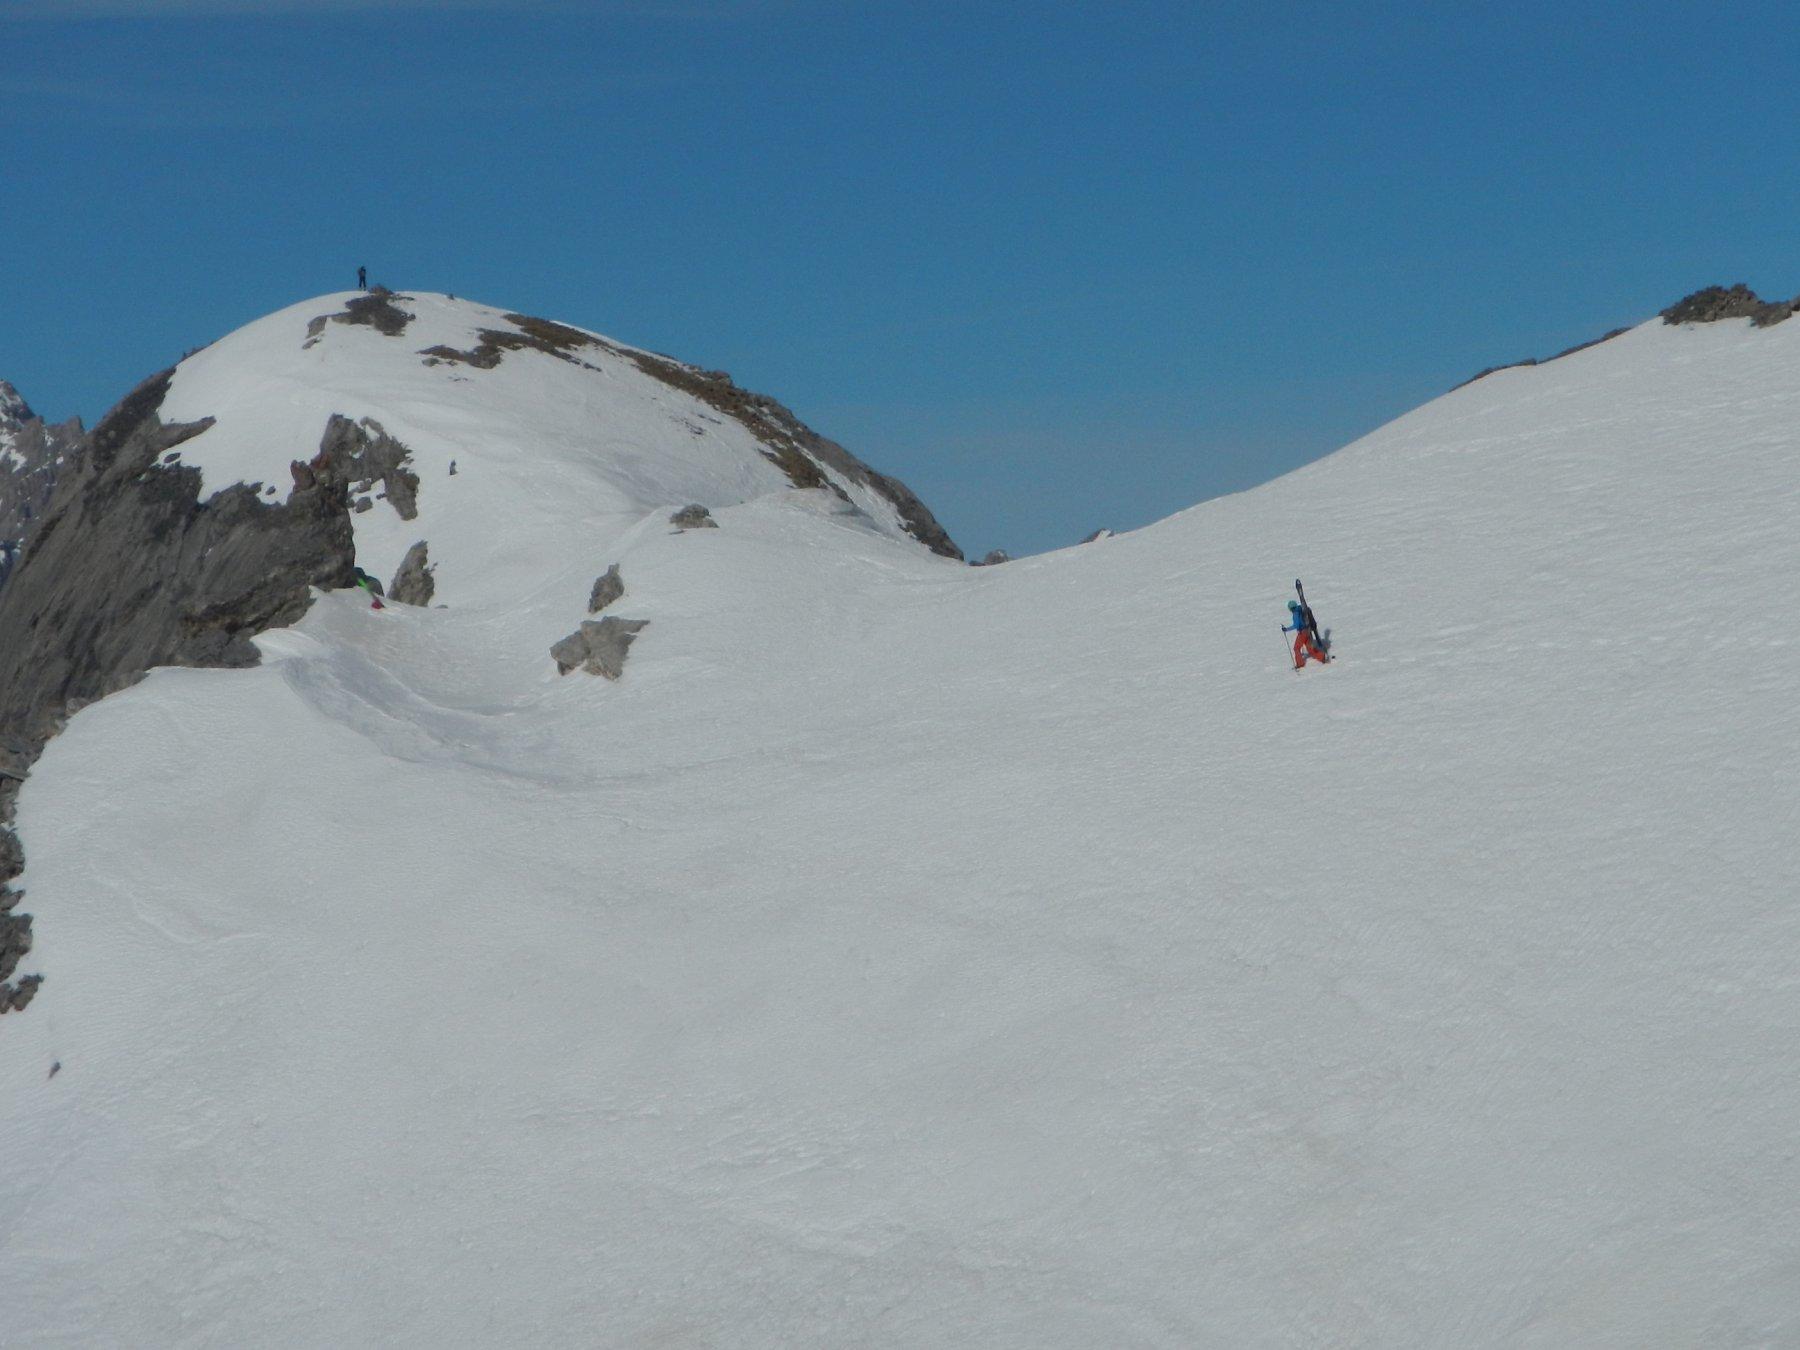 verso la cima alpinistica